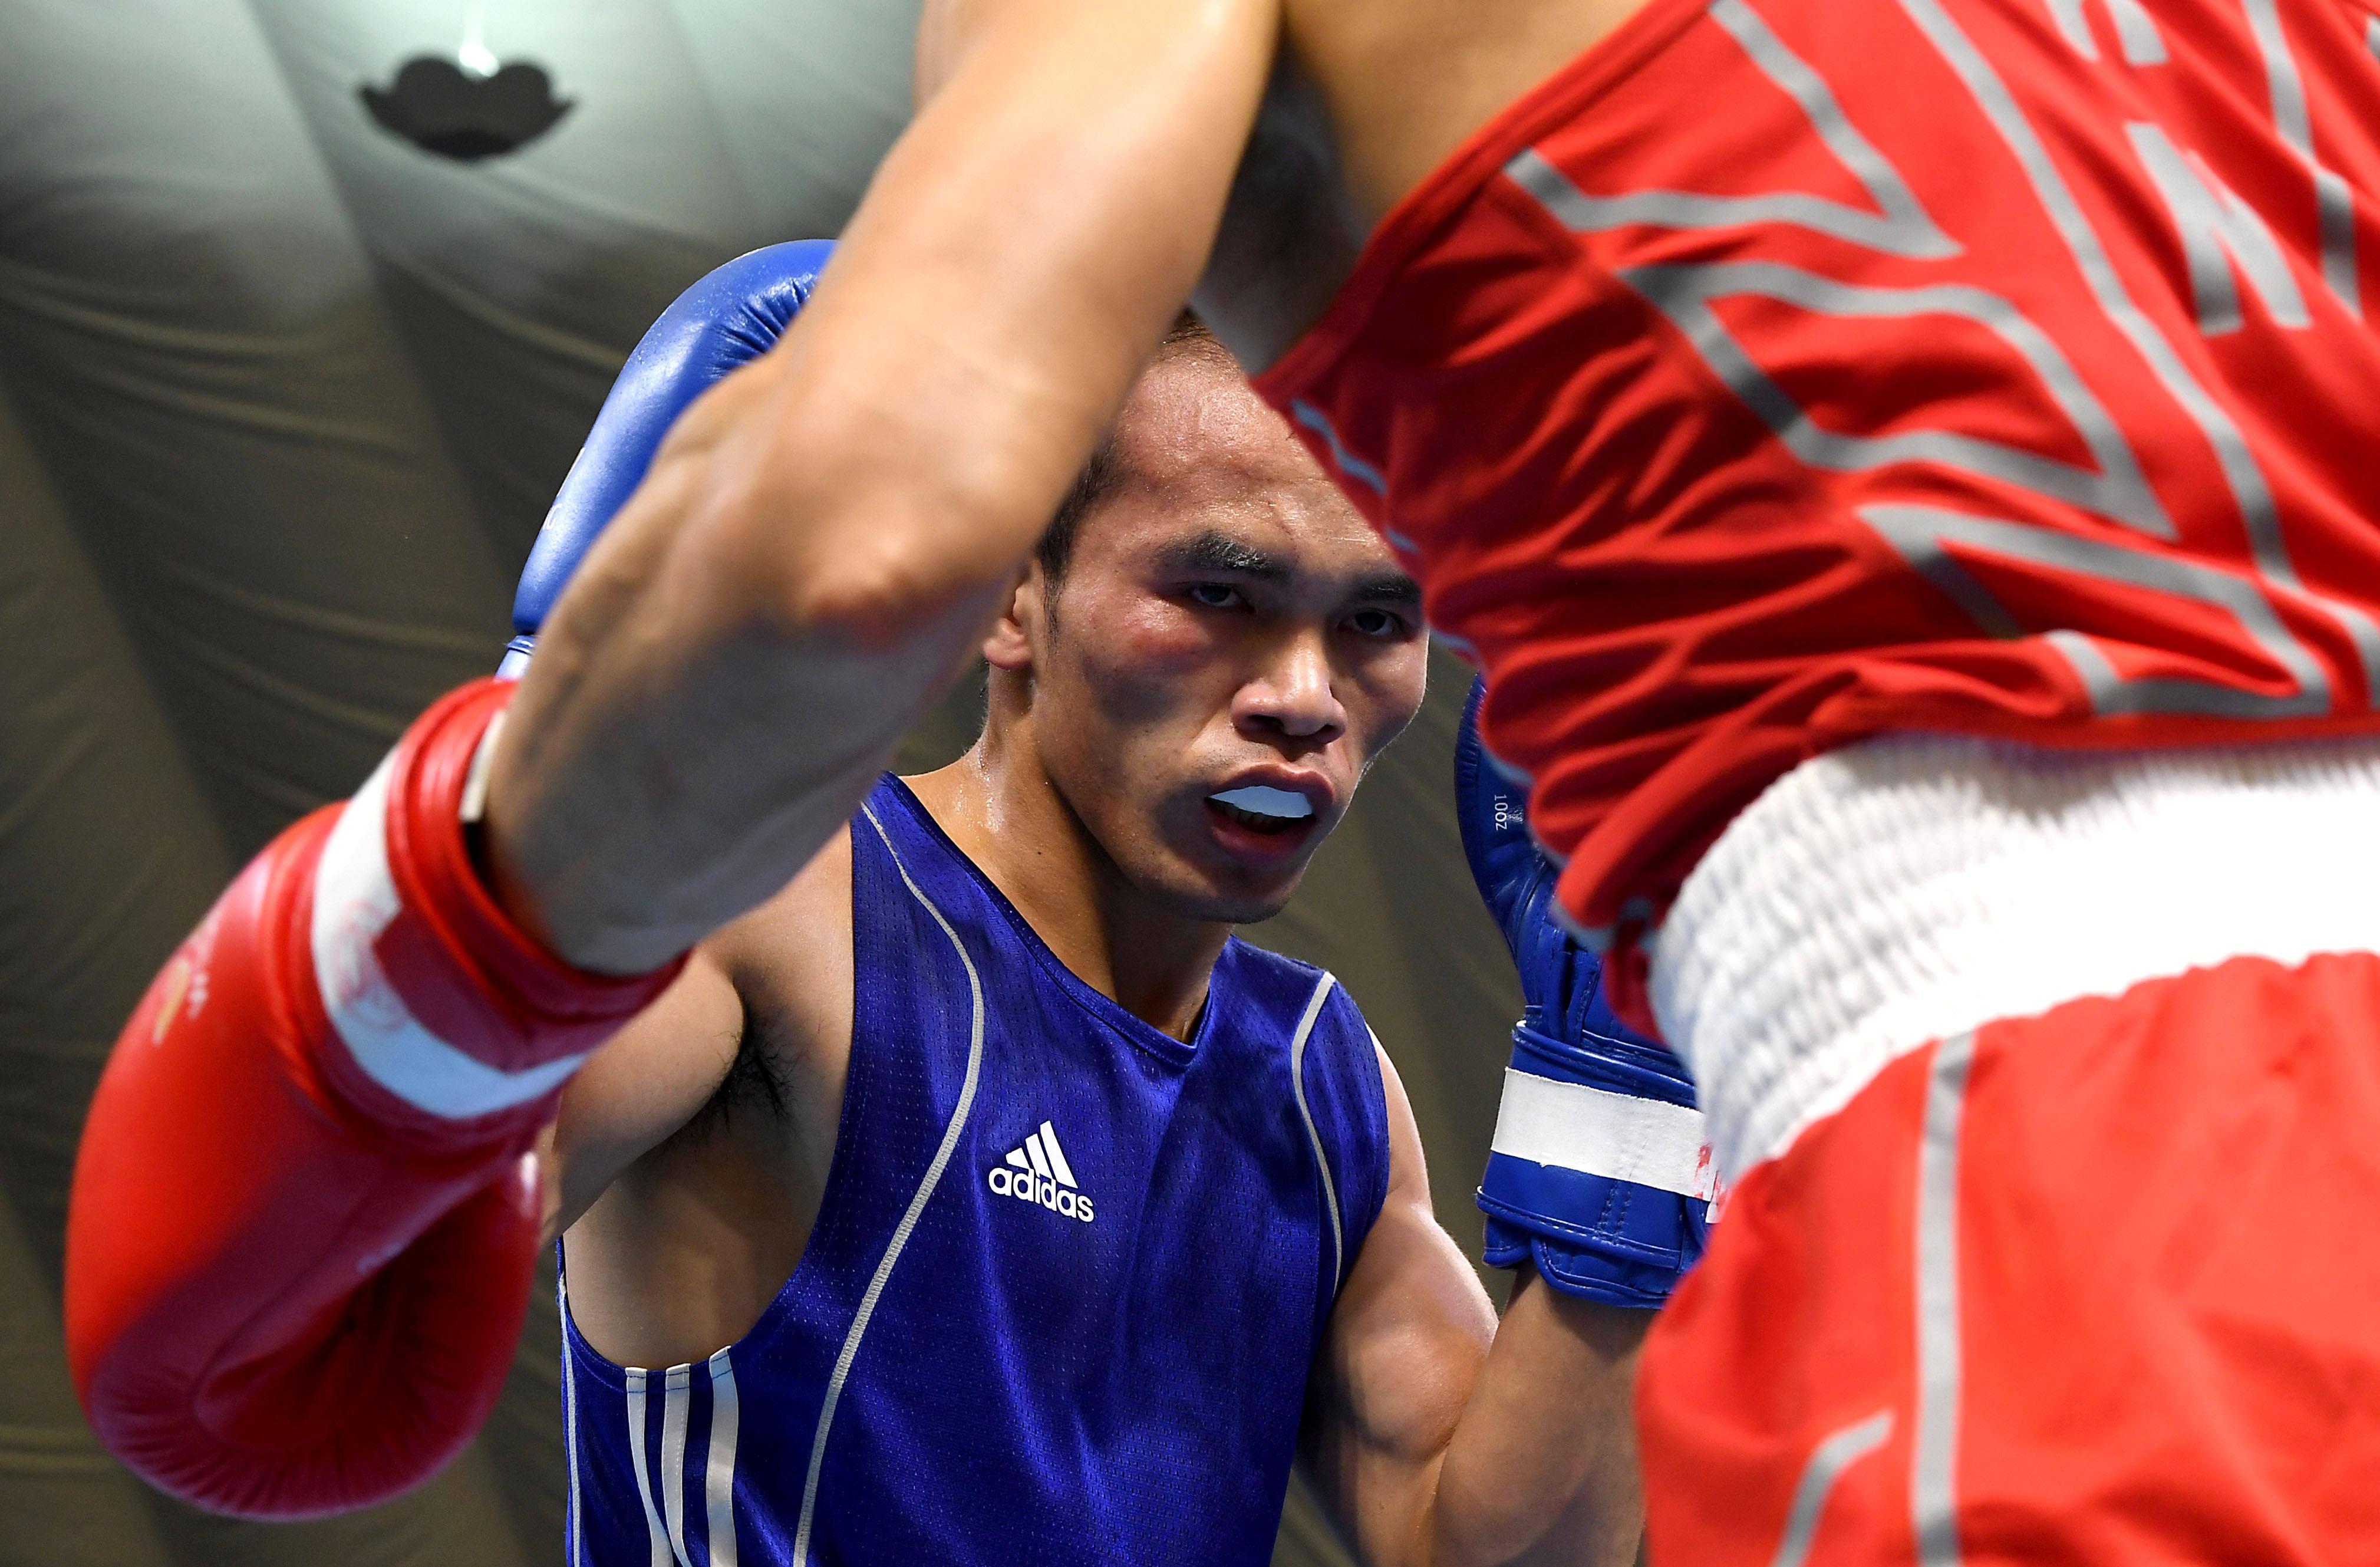 拳击——全国男子拳击锦标赛第二日赛况